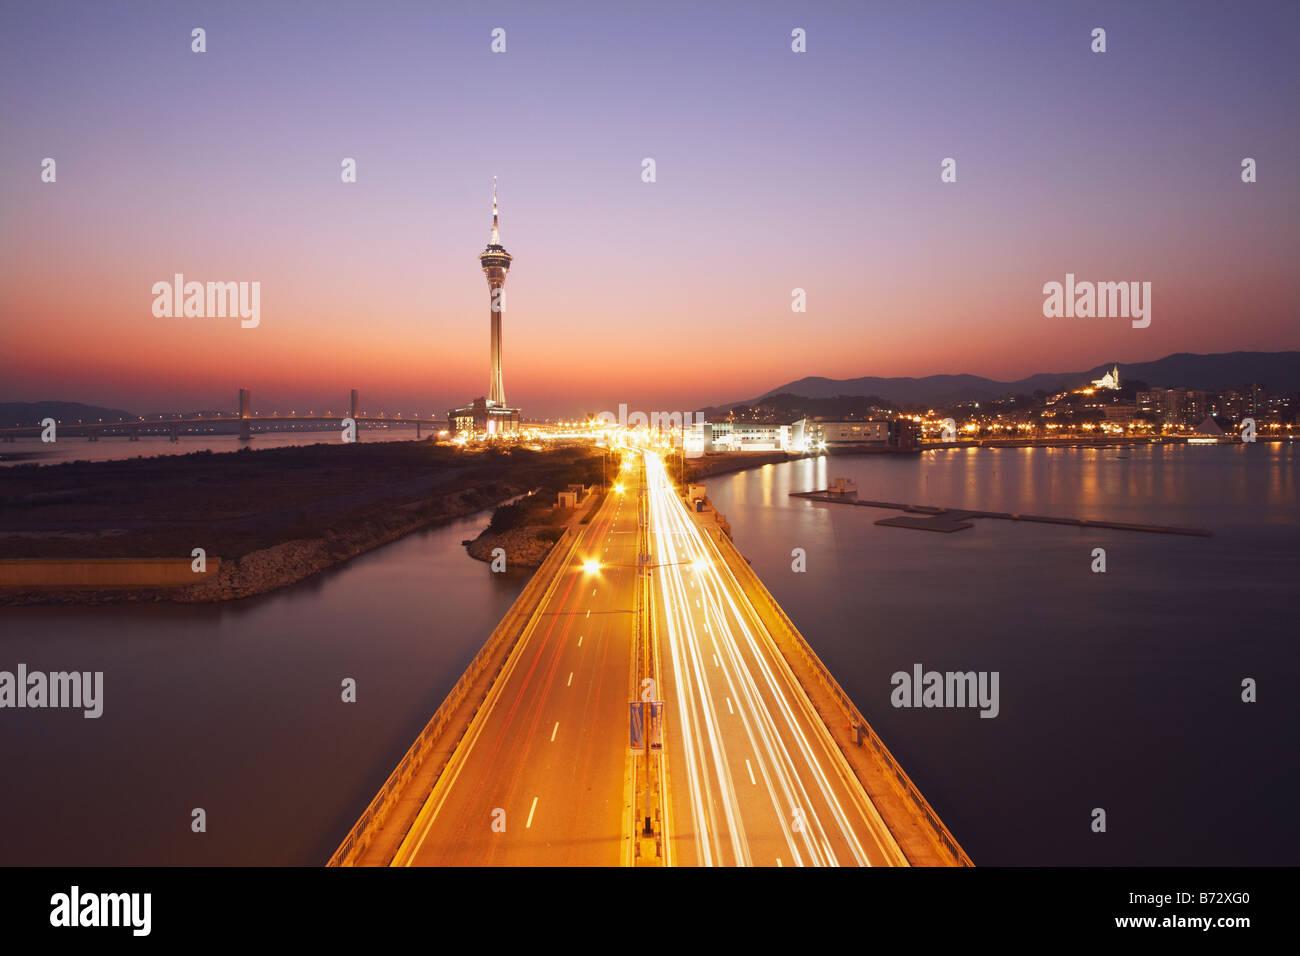 La torre de Macao al atardecer Imagen De Stock